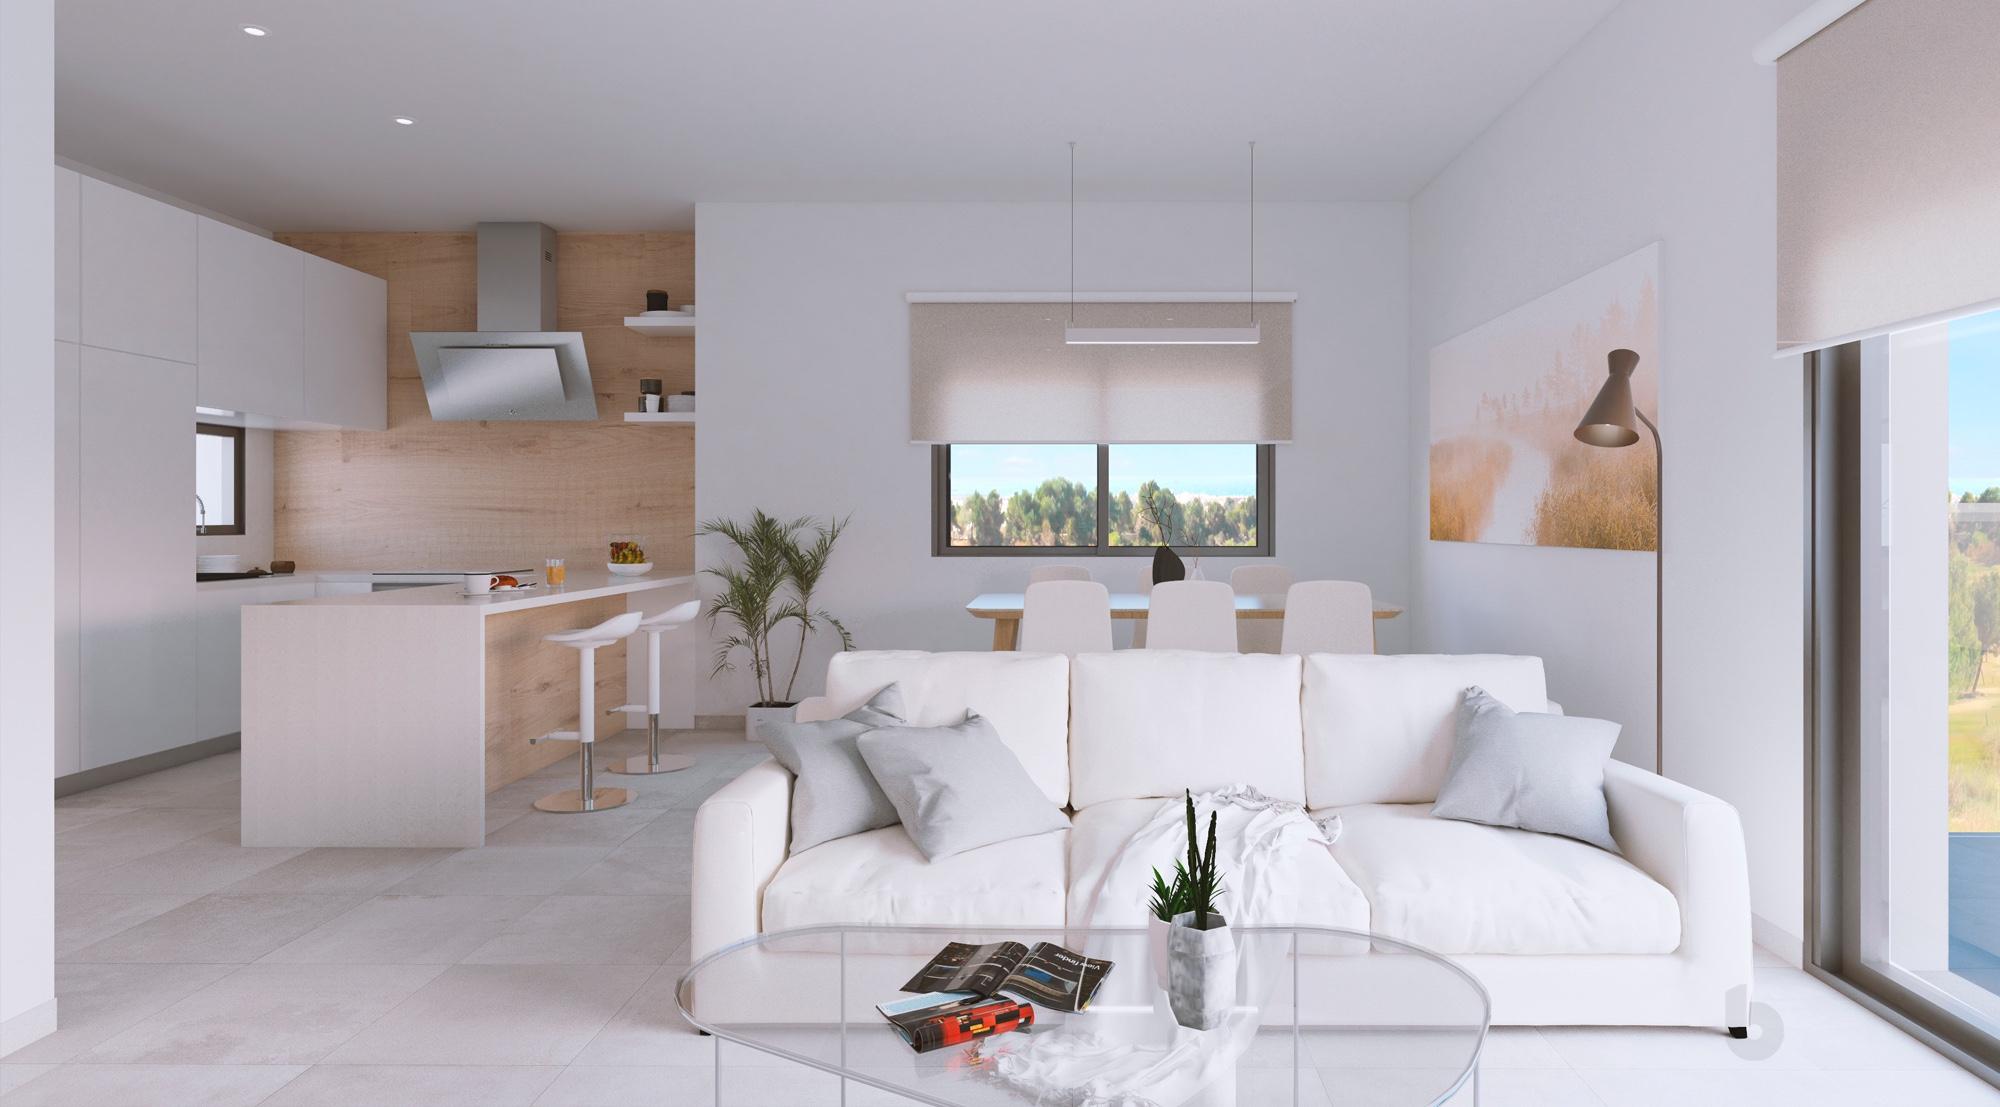 3 bed Apartment in Pilar de La Horadada image 6